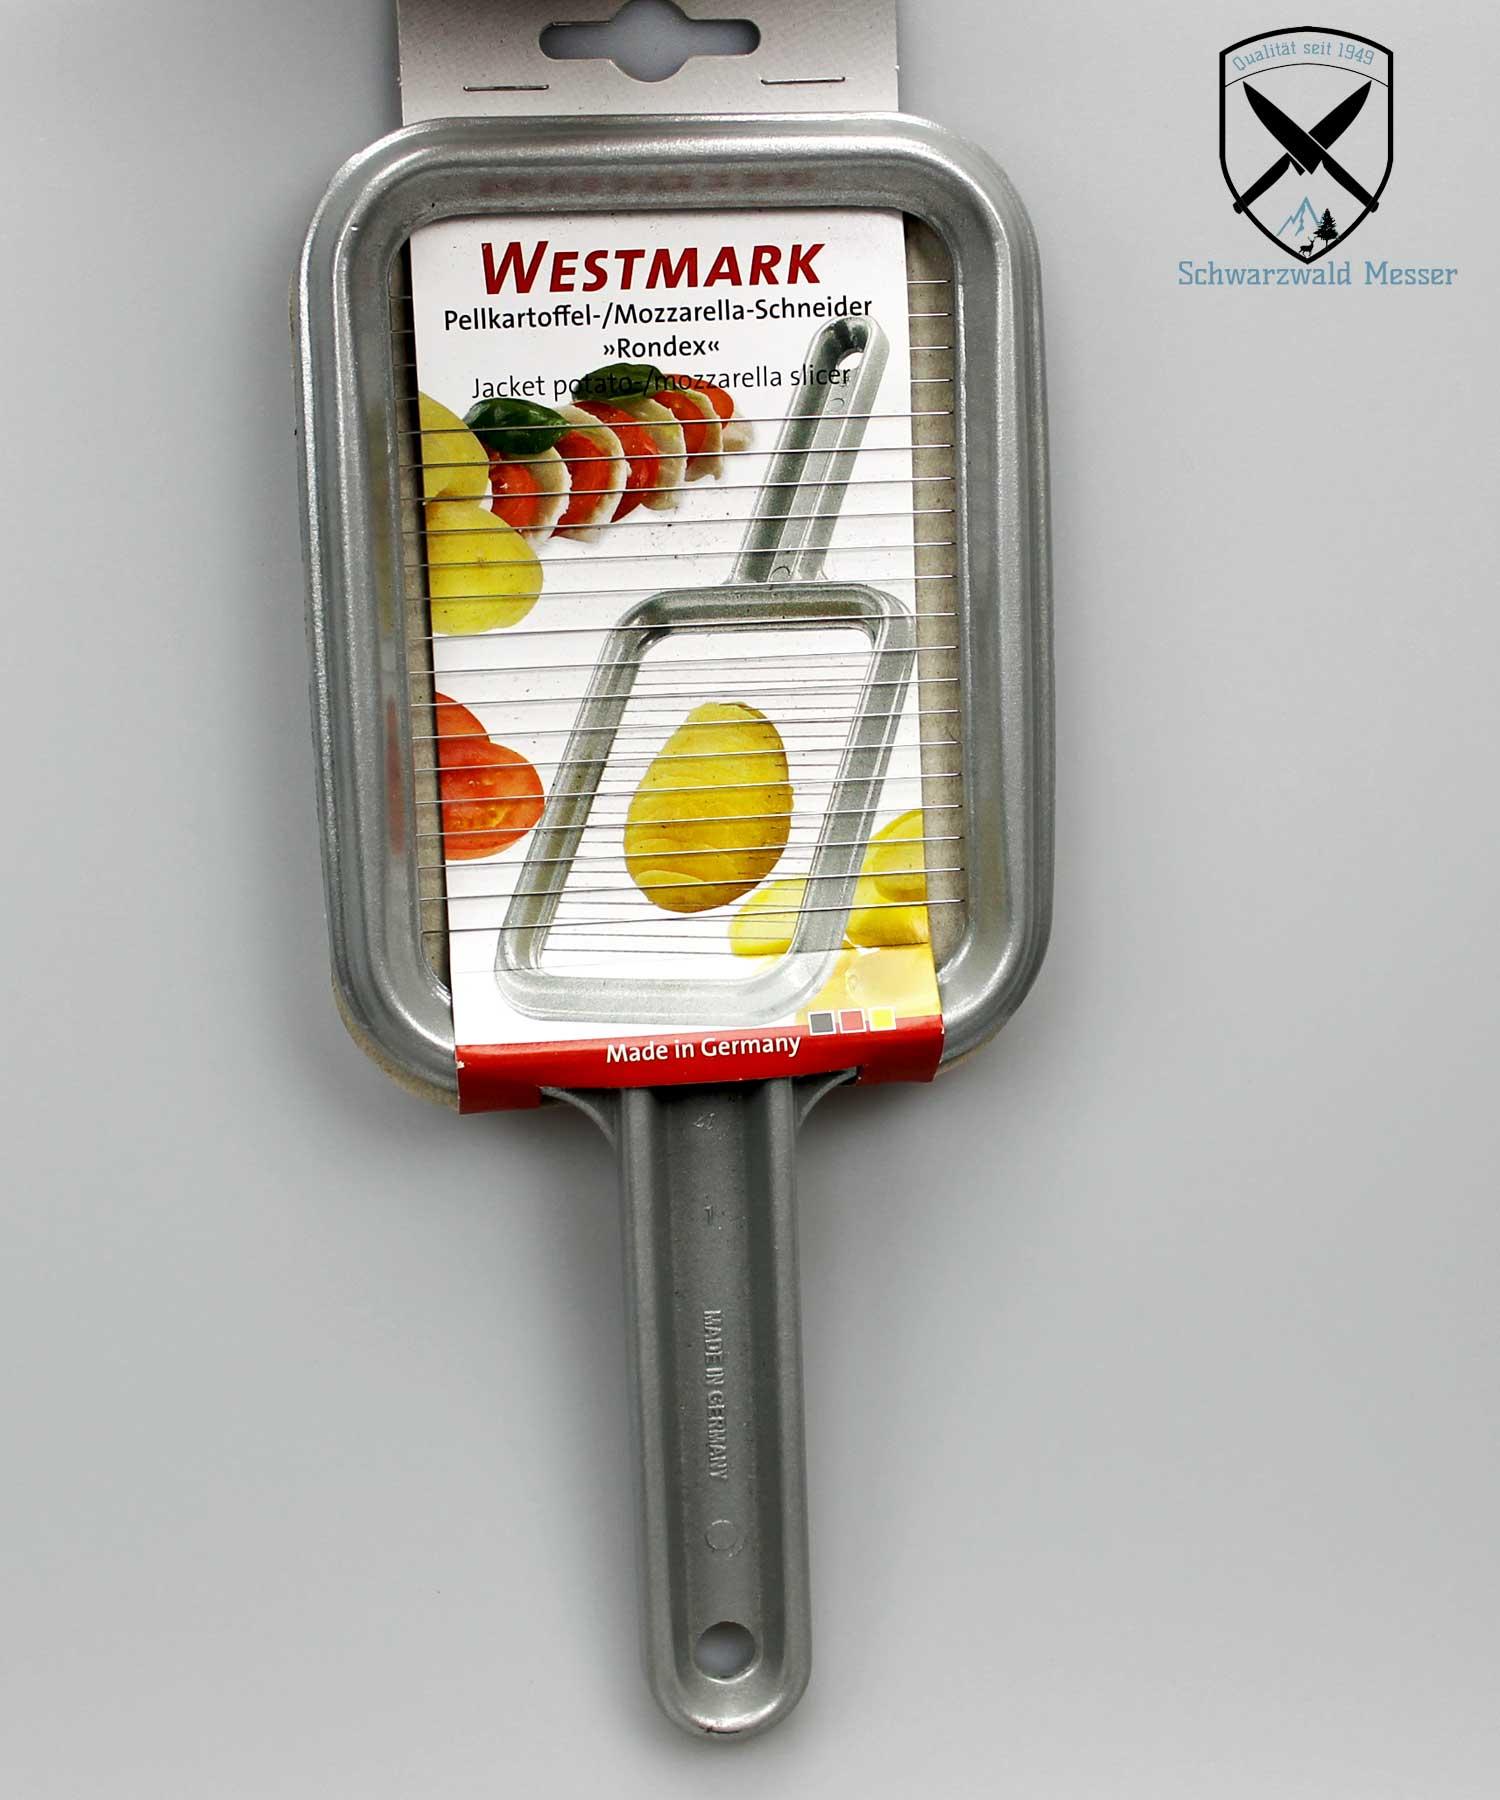 Mozzarella-Schneider Rondex Westmark Pellkartoffel-